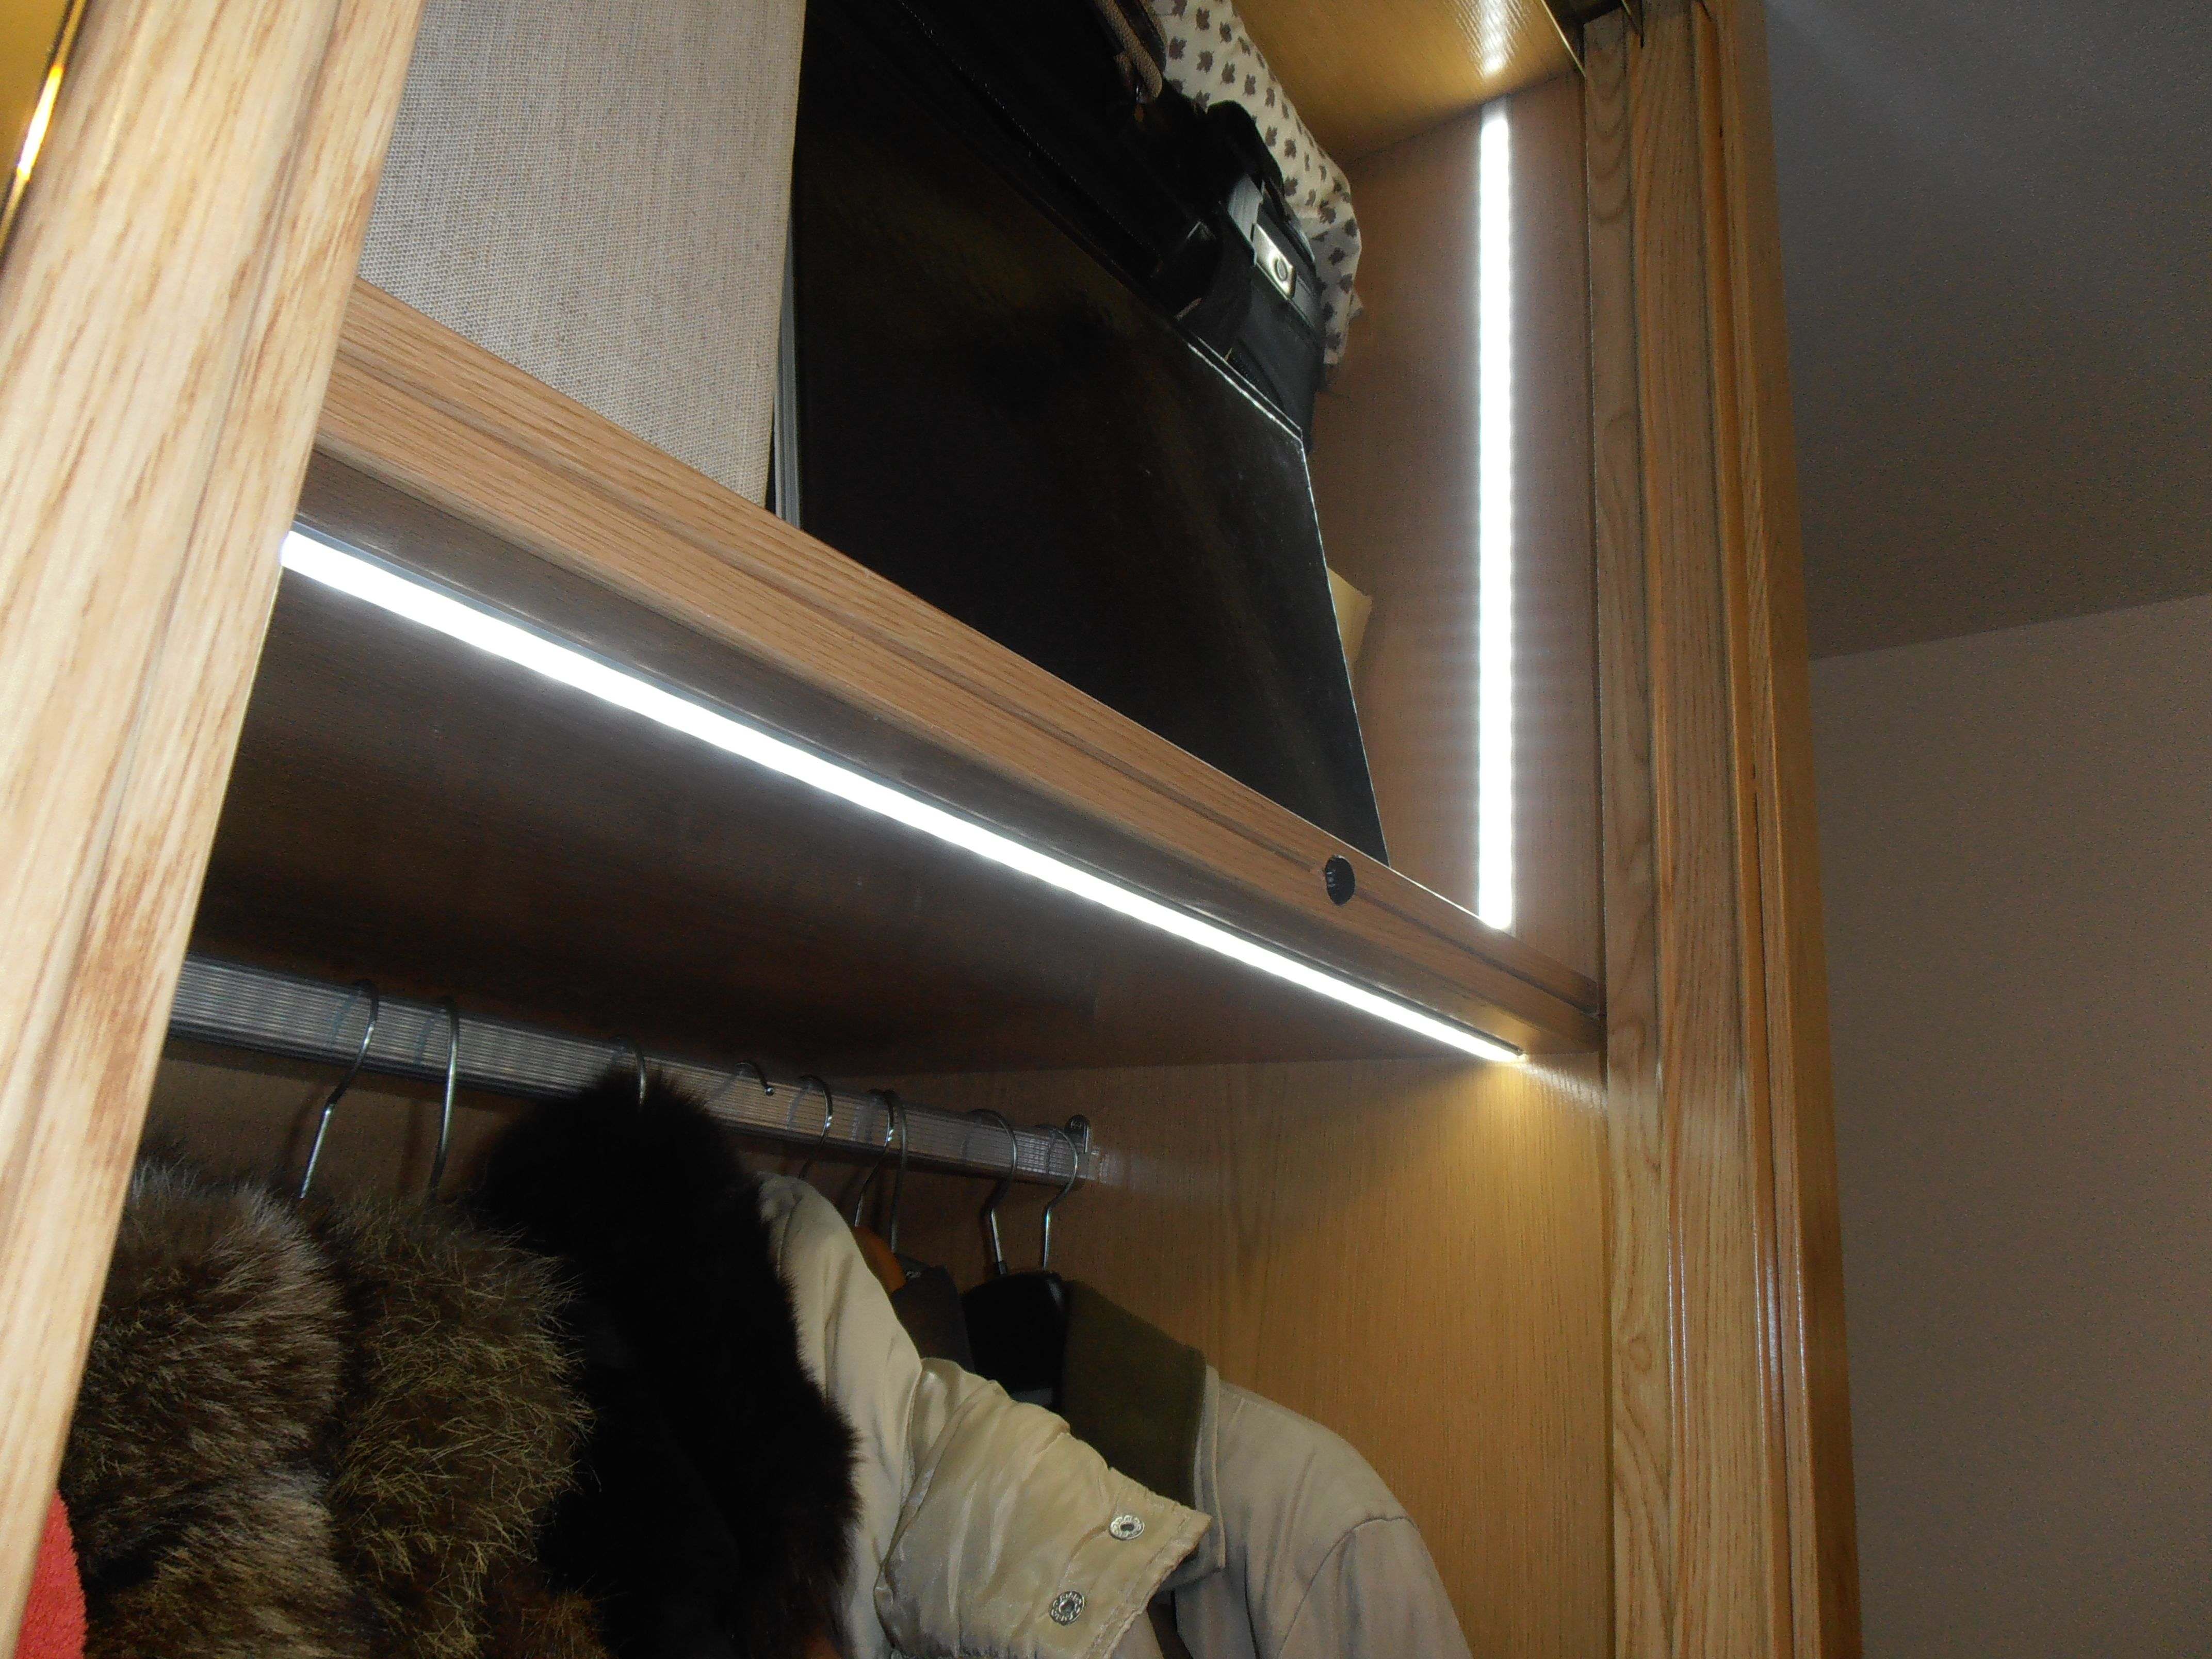 Instalaci 243 N De Iluminaci 243 N En Armario Empotrado Mediante